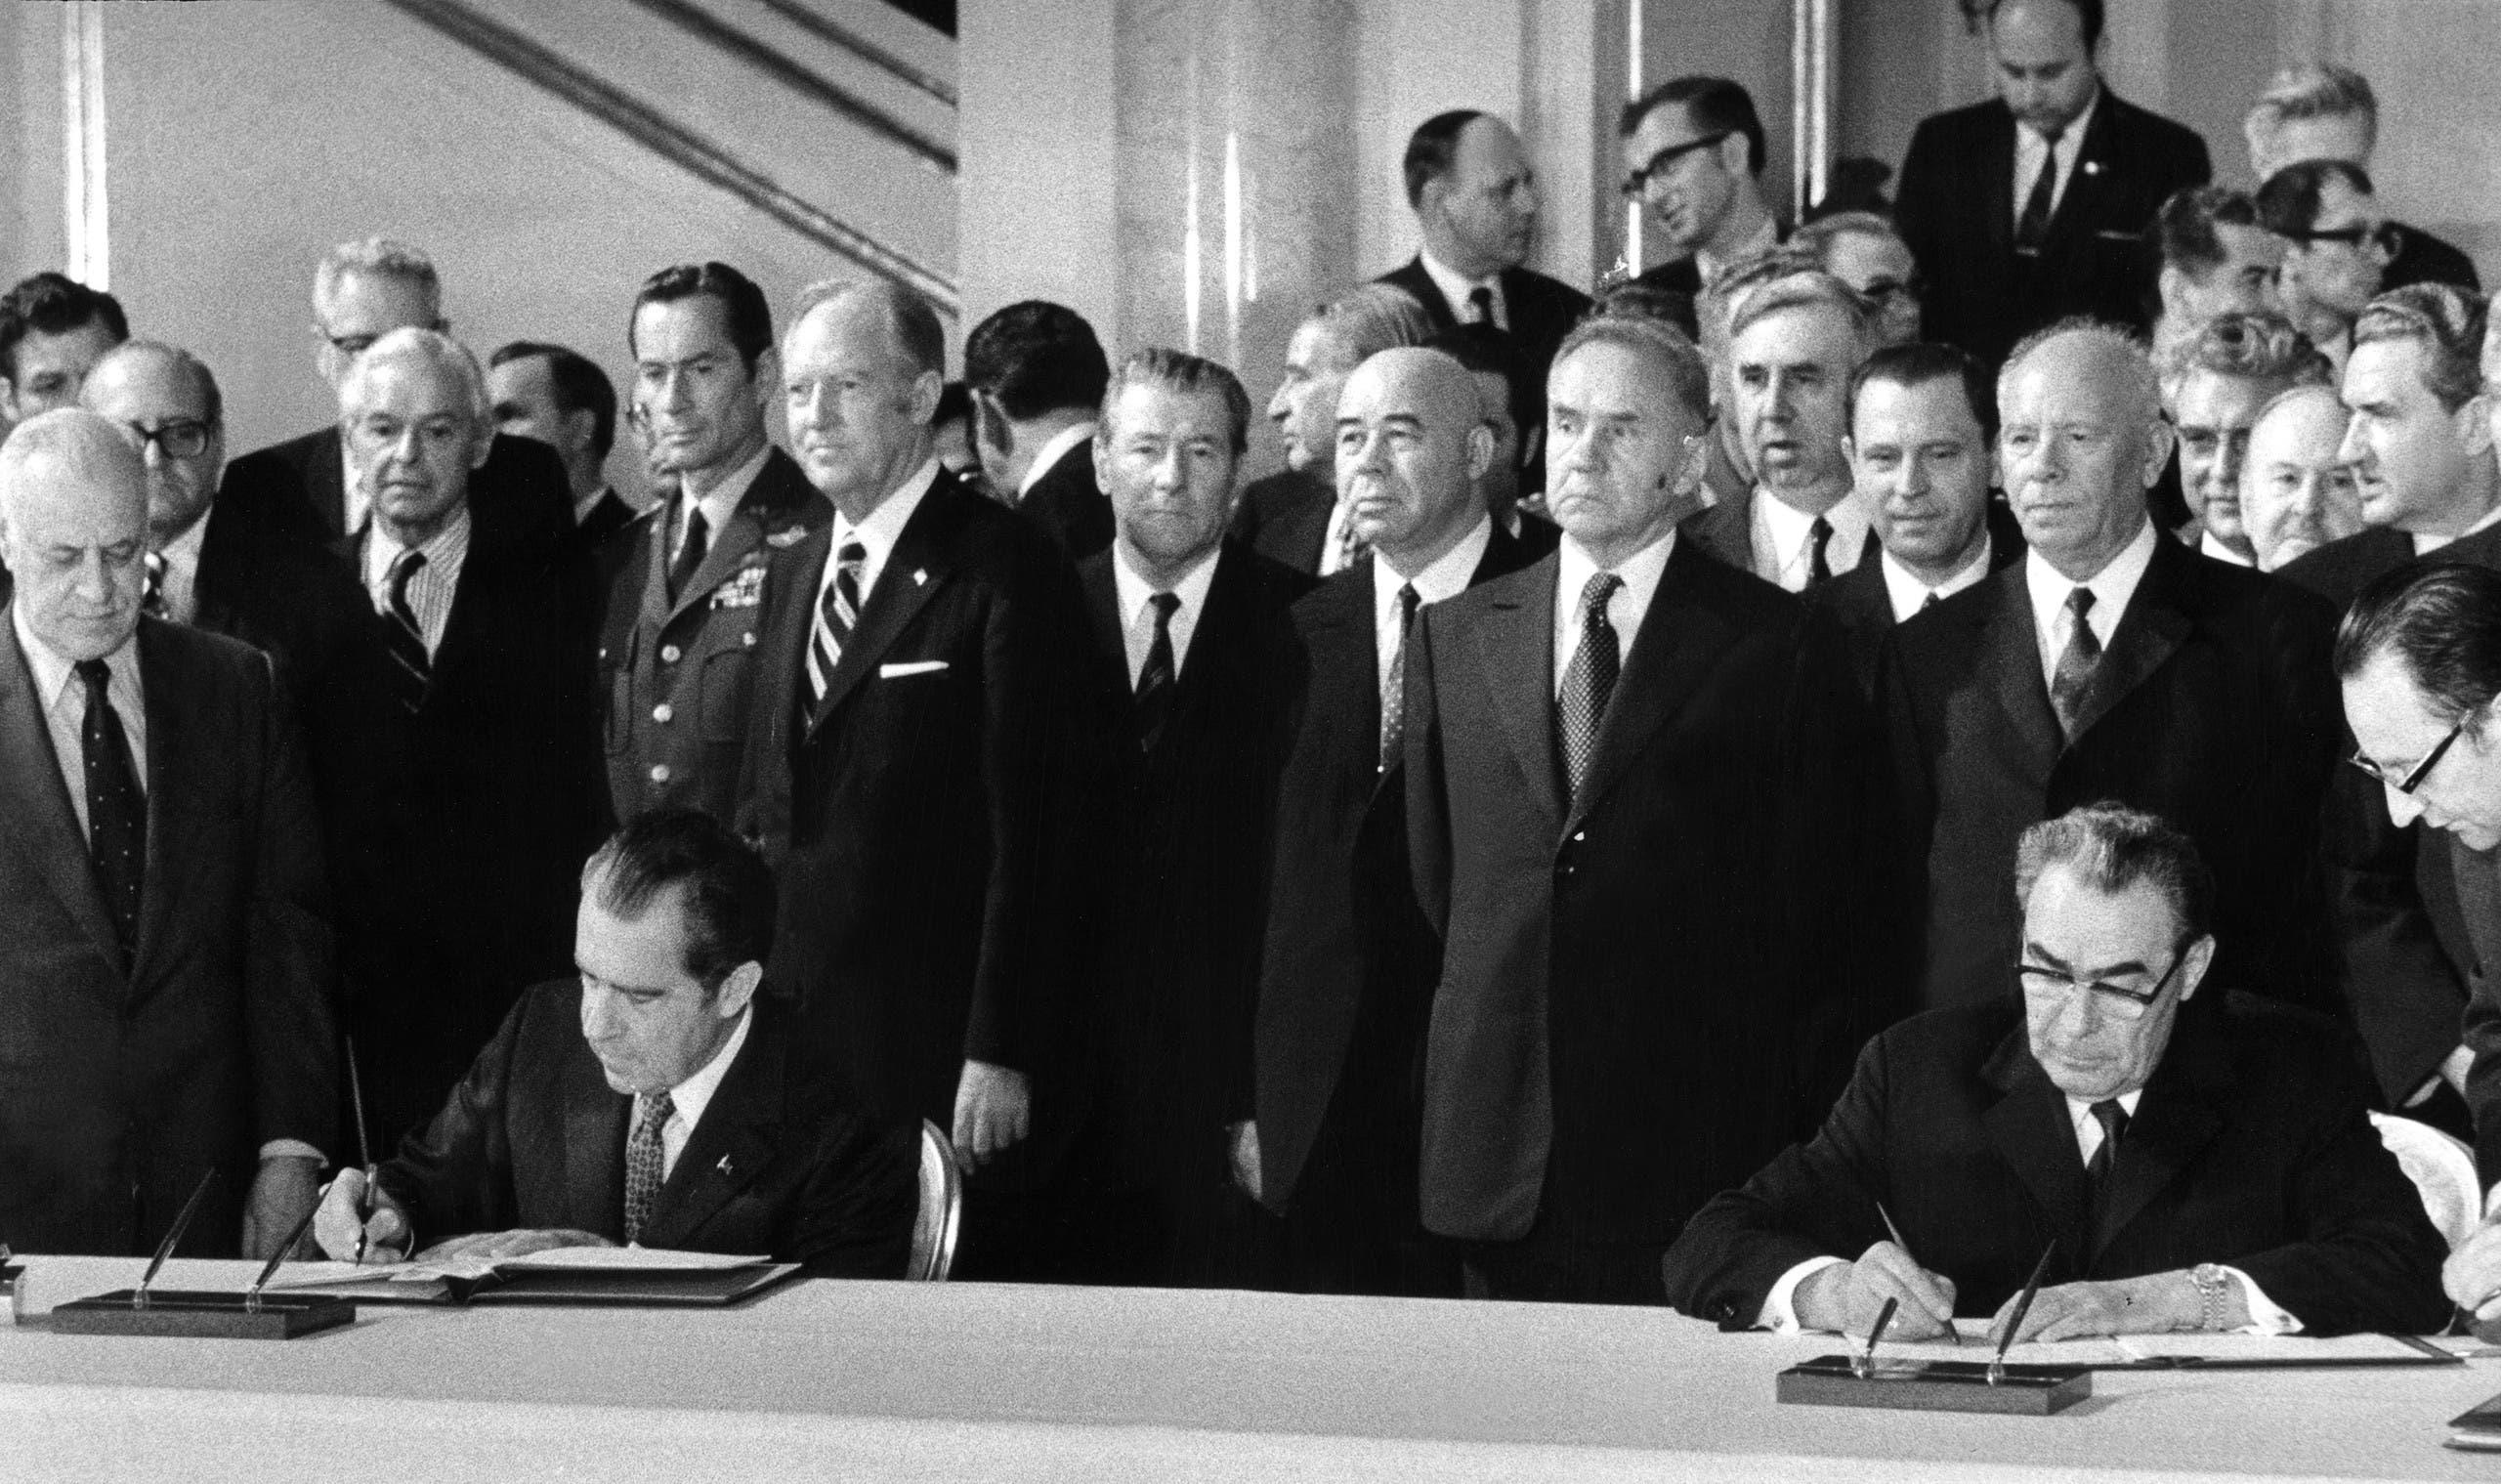 """توقيع معاهدة """"سالت"""" في مايو 1972 بين ليونيد بريجنيف وريتشارد نيكسون في موسكو"""